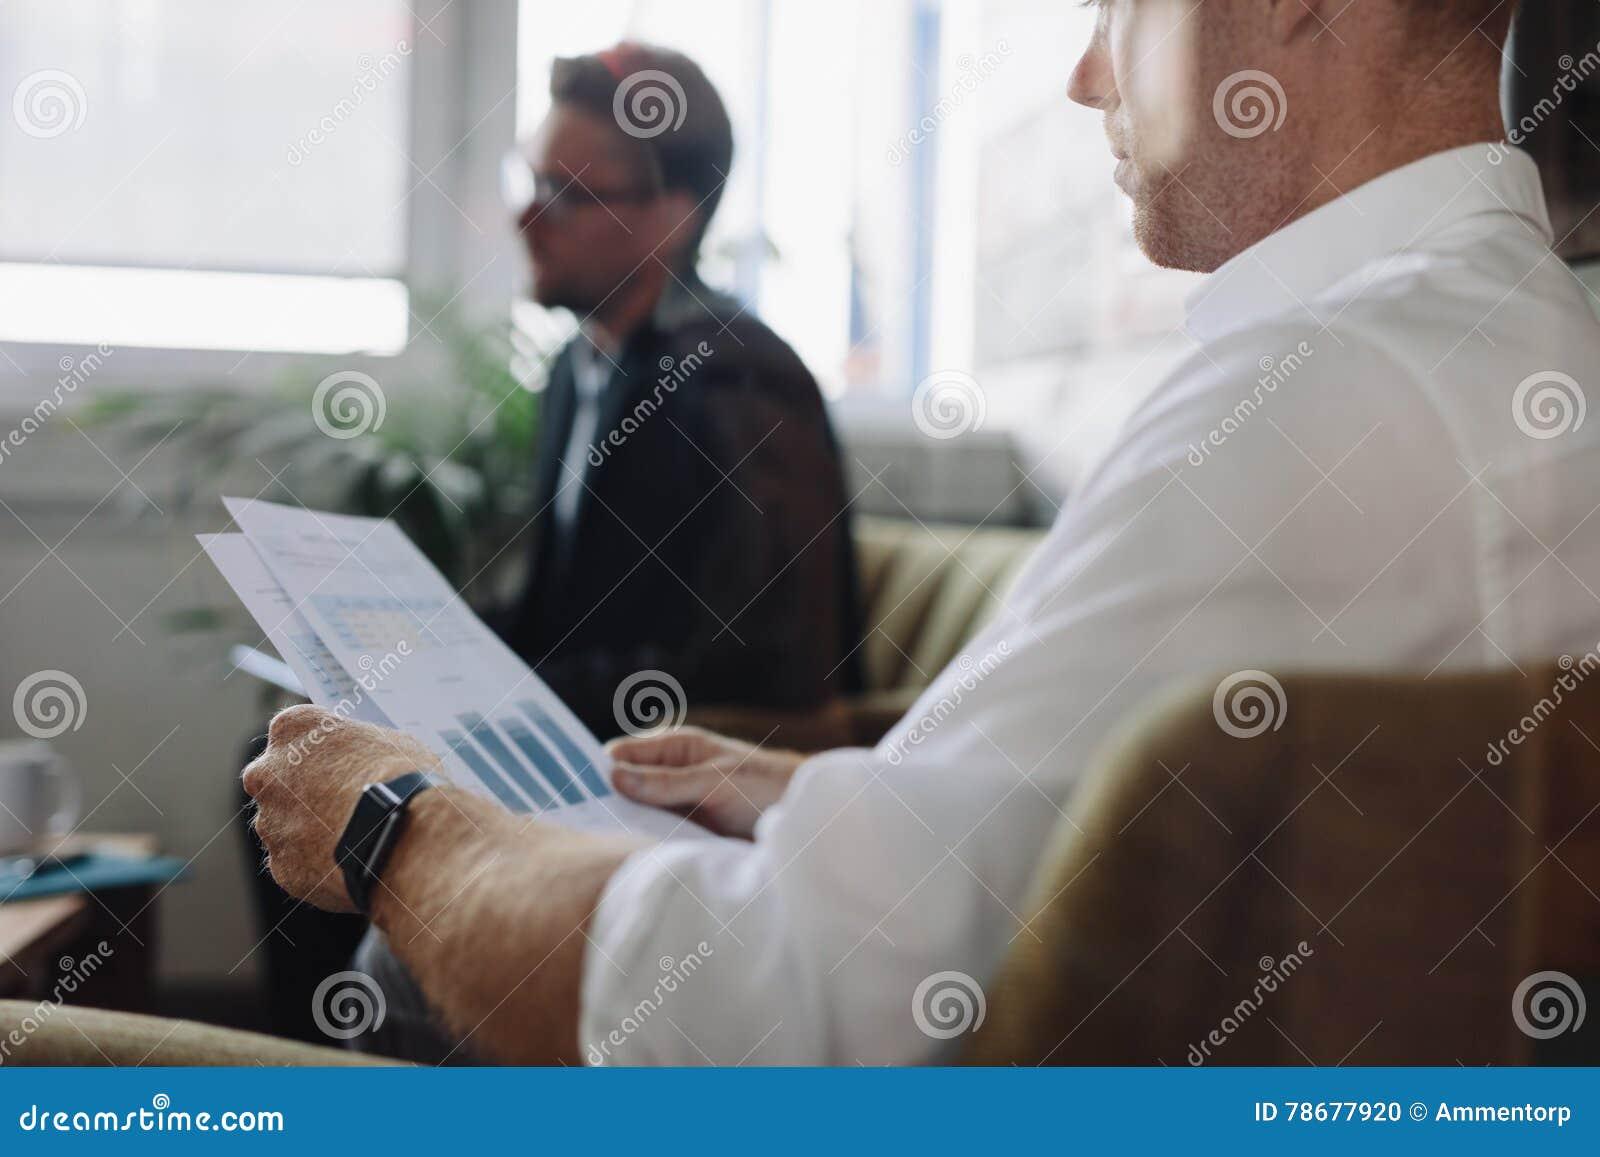 Grafici della lettura dell 39 uomo d 39 affari nel corso della for Planimetrie della caverna dell uomo